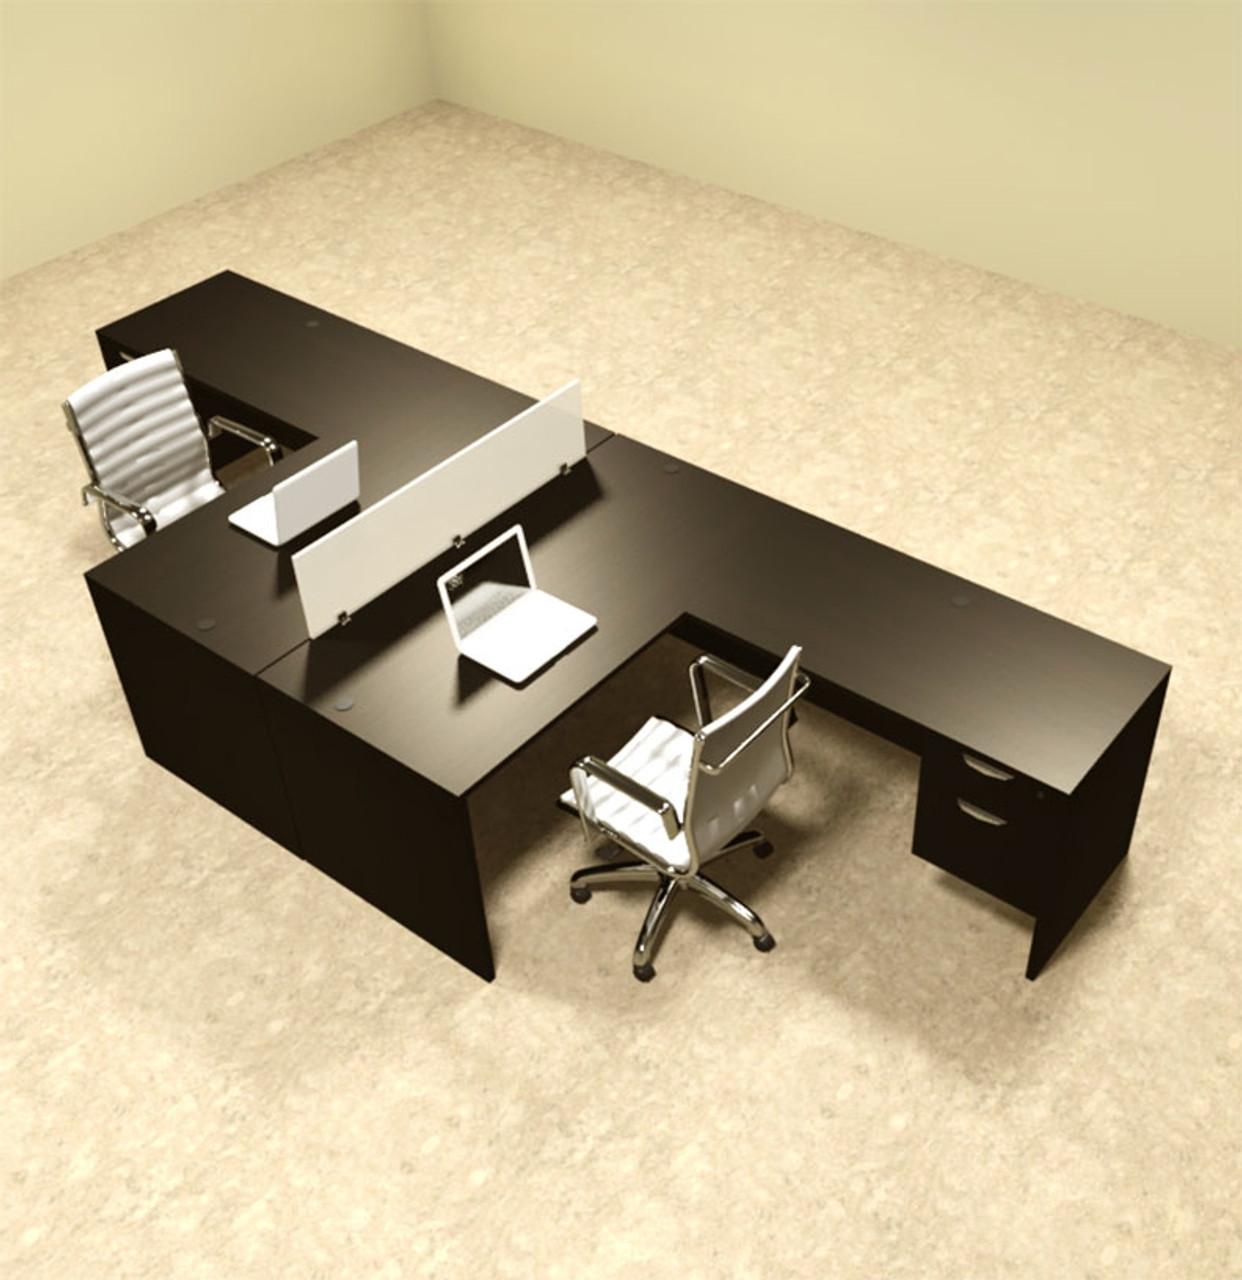 Two Person L Shaped Divider Office Workstation Desk Set